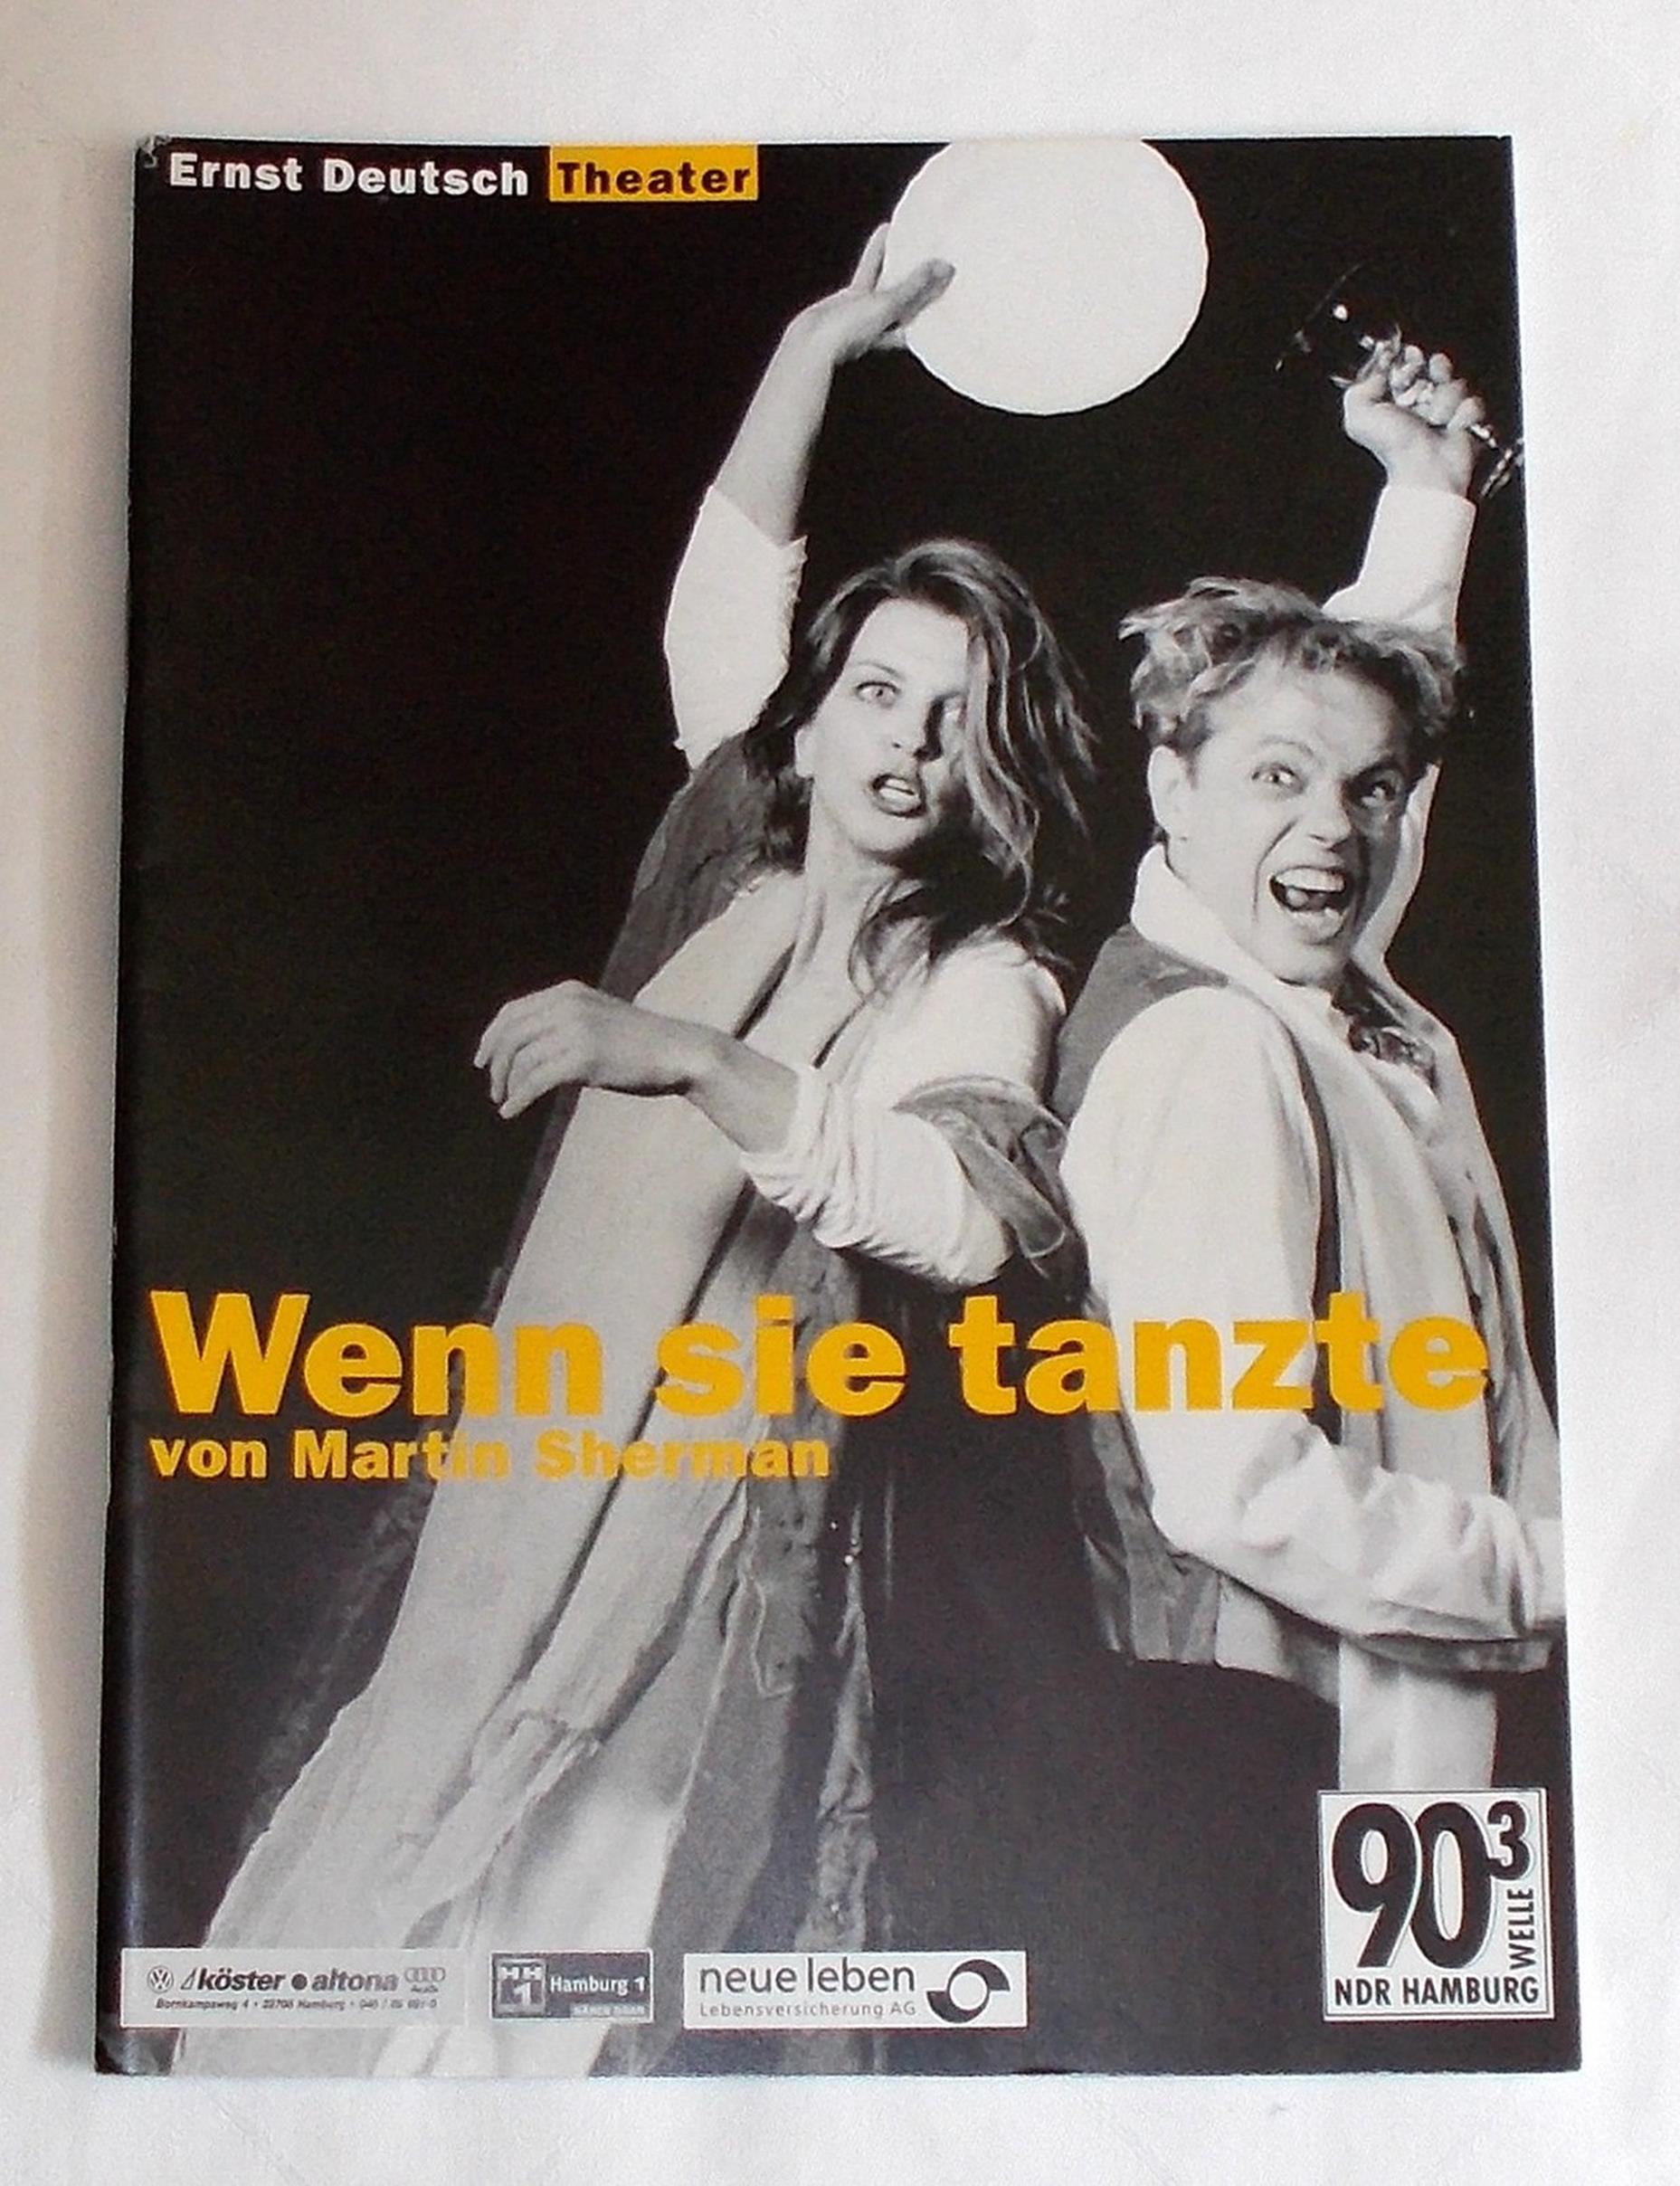 Programmheft Wenn sie tanzte von Martin Sherman. Ernst Deutsch Theater 2000